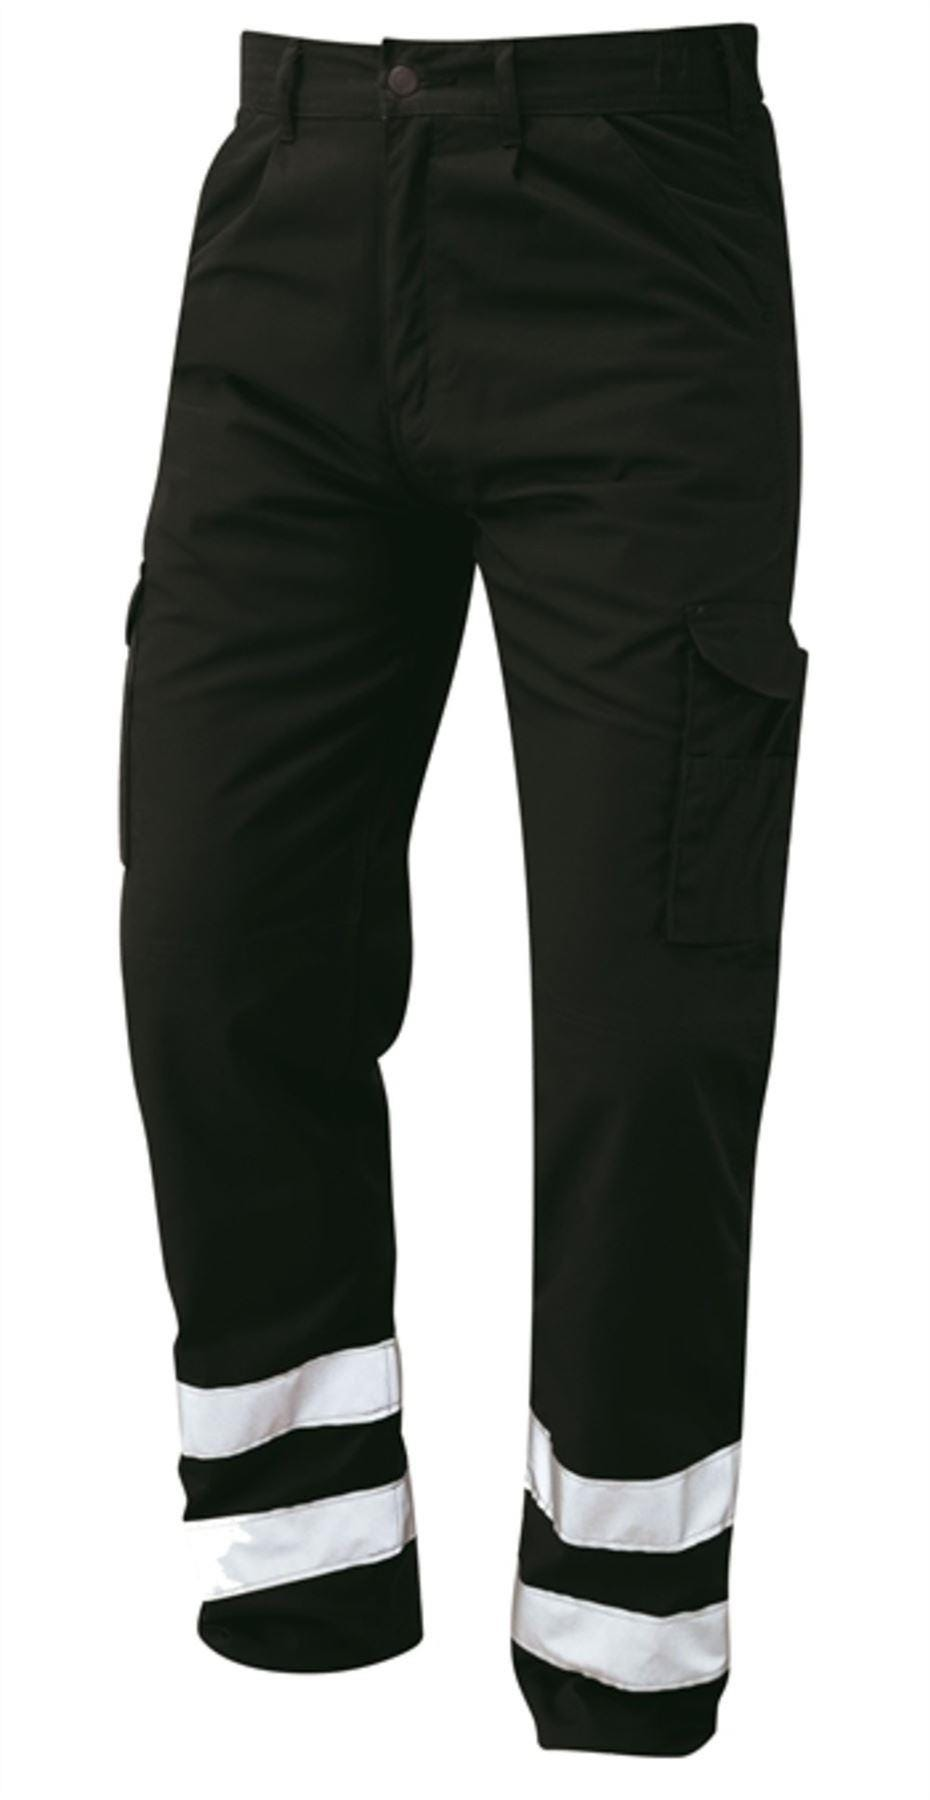 Orn Condor Hi Vis Kneepad Trousers - Black|58W32L